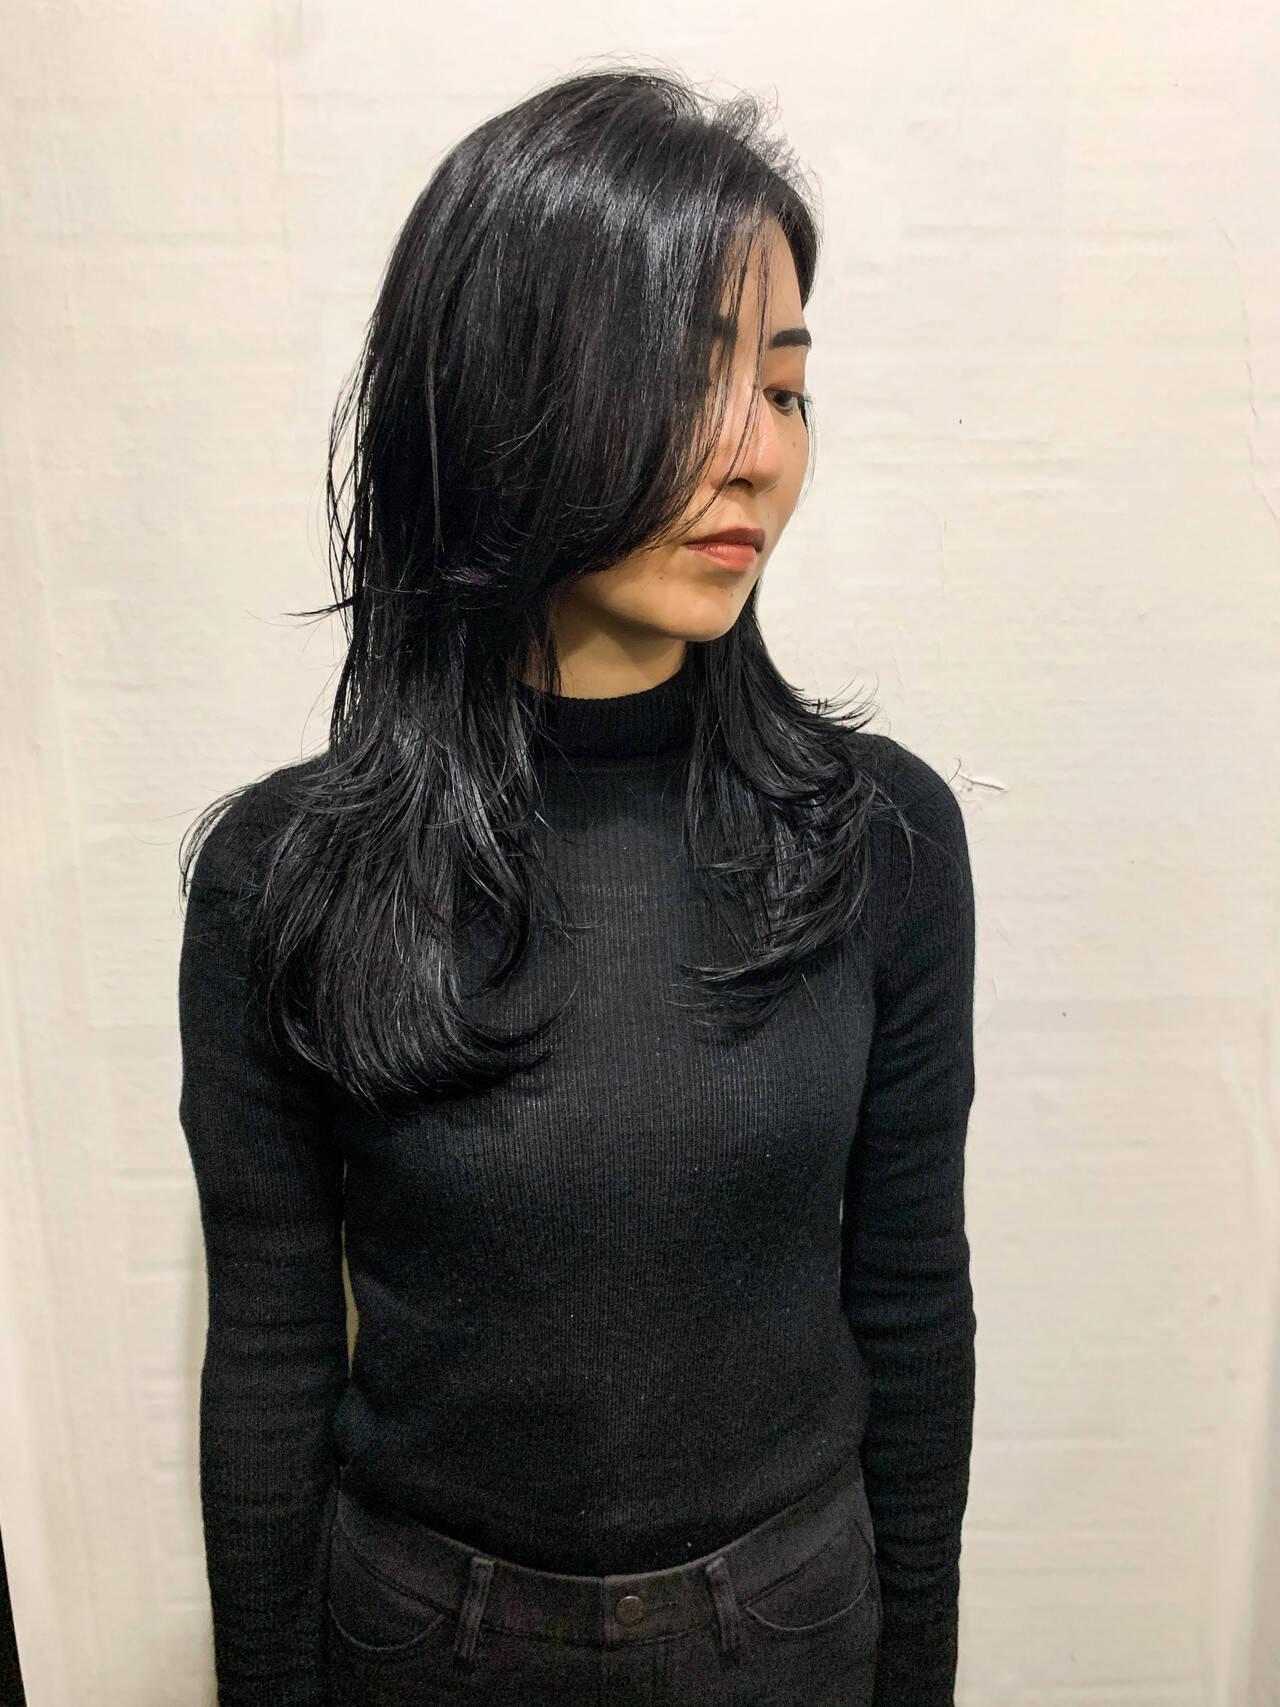 ウルフレイヤー ロング ナチュラル ウルフカットヘアスタイルや髪型の写真・画像